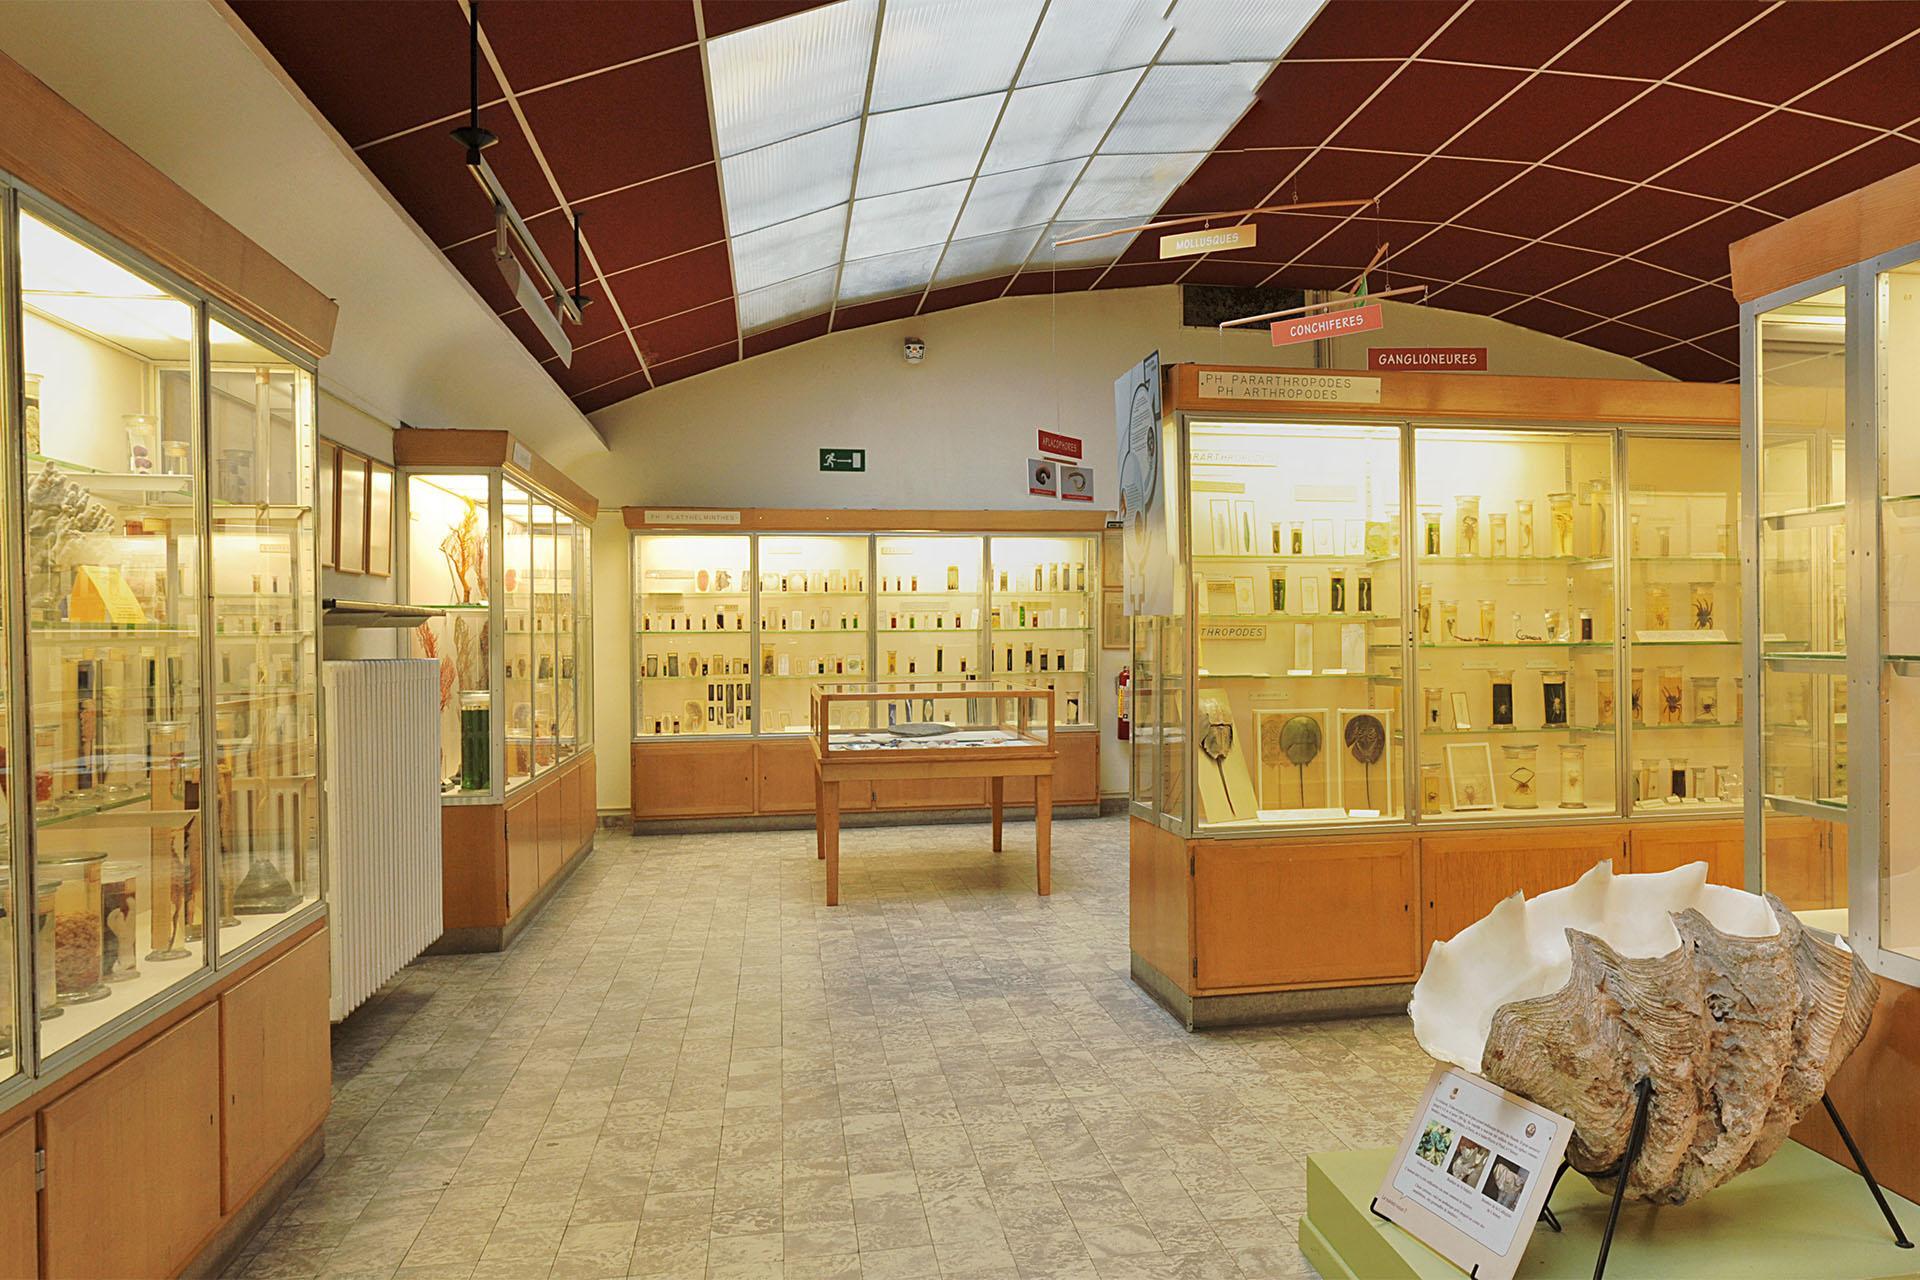 Aquarium-Muséum Liège